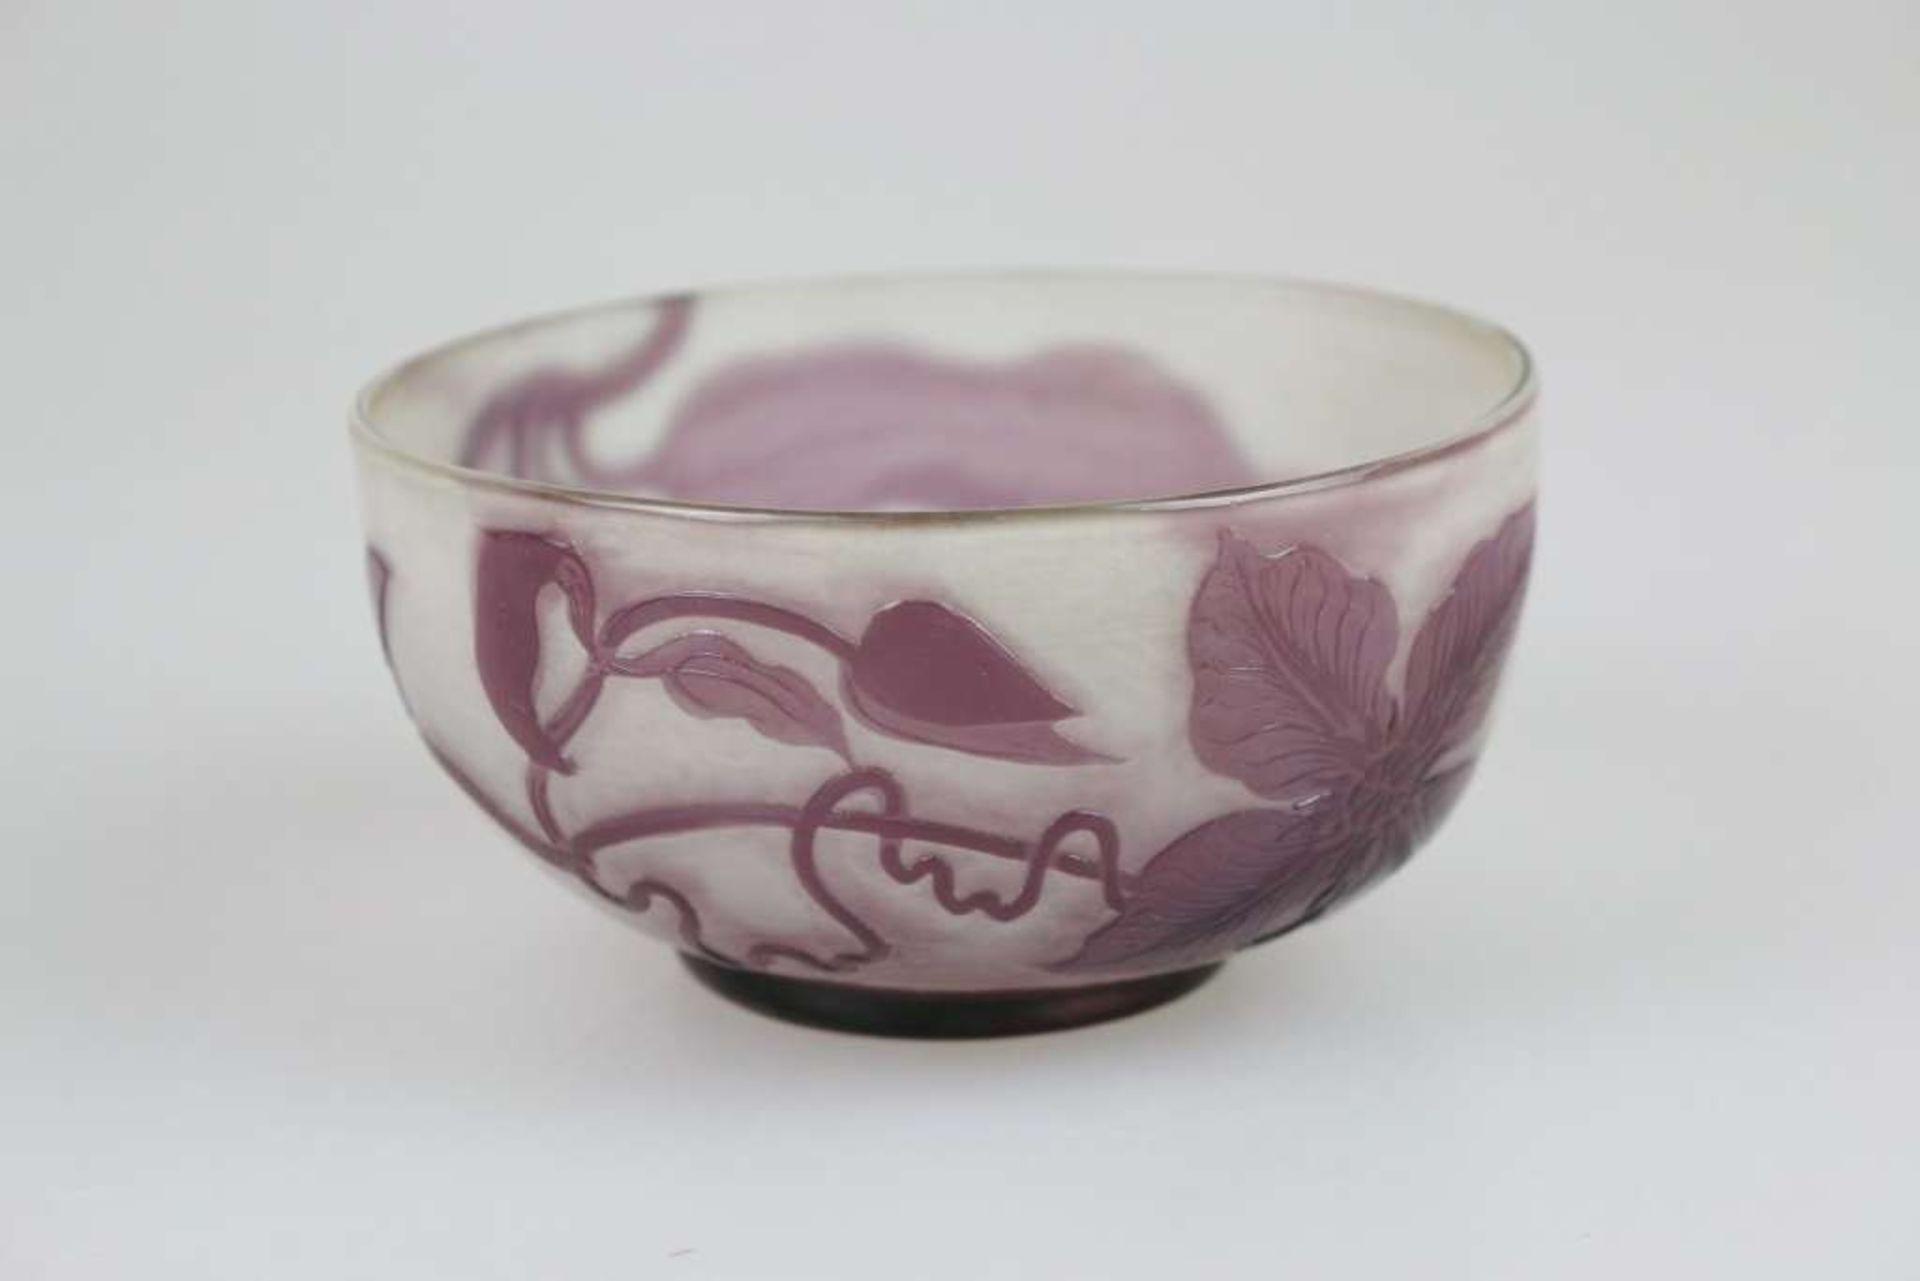 Gallé Set: Flache Schale, weißes Glas, violett überfangen, geätzt und poliert, runde Form m - Bild 3 aus 4